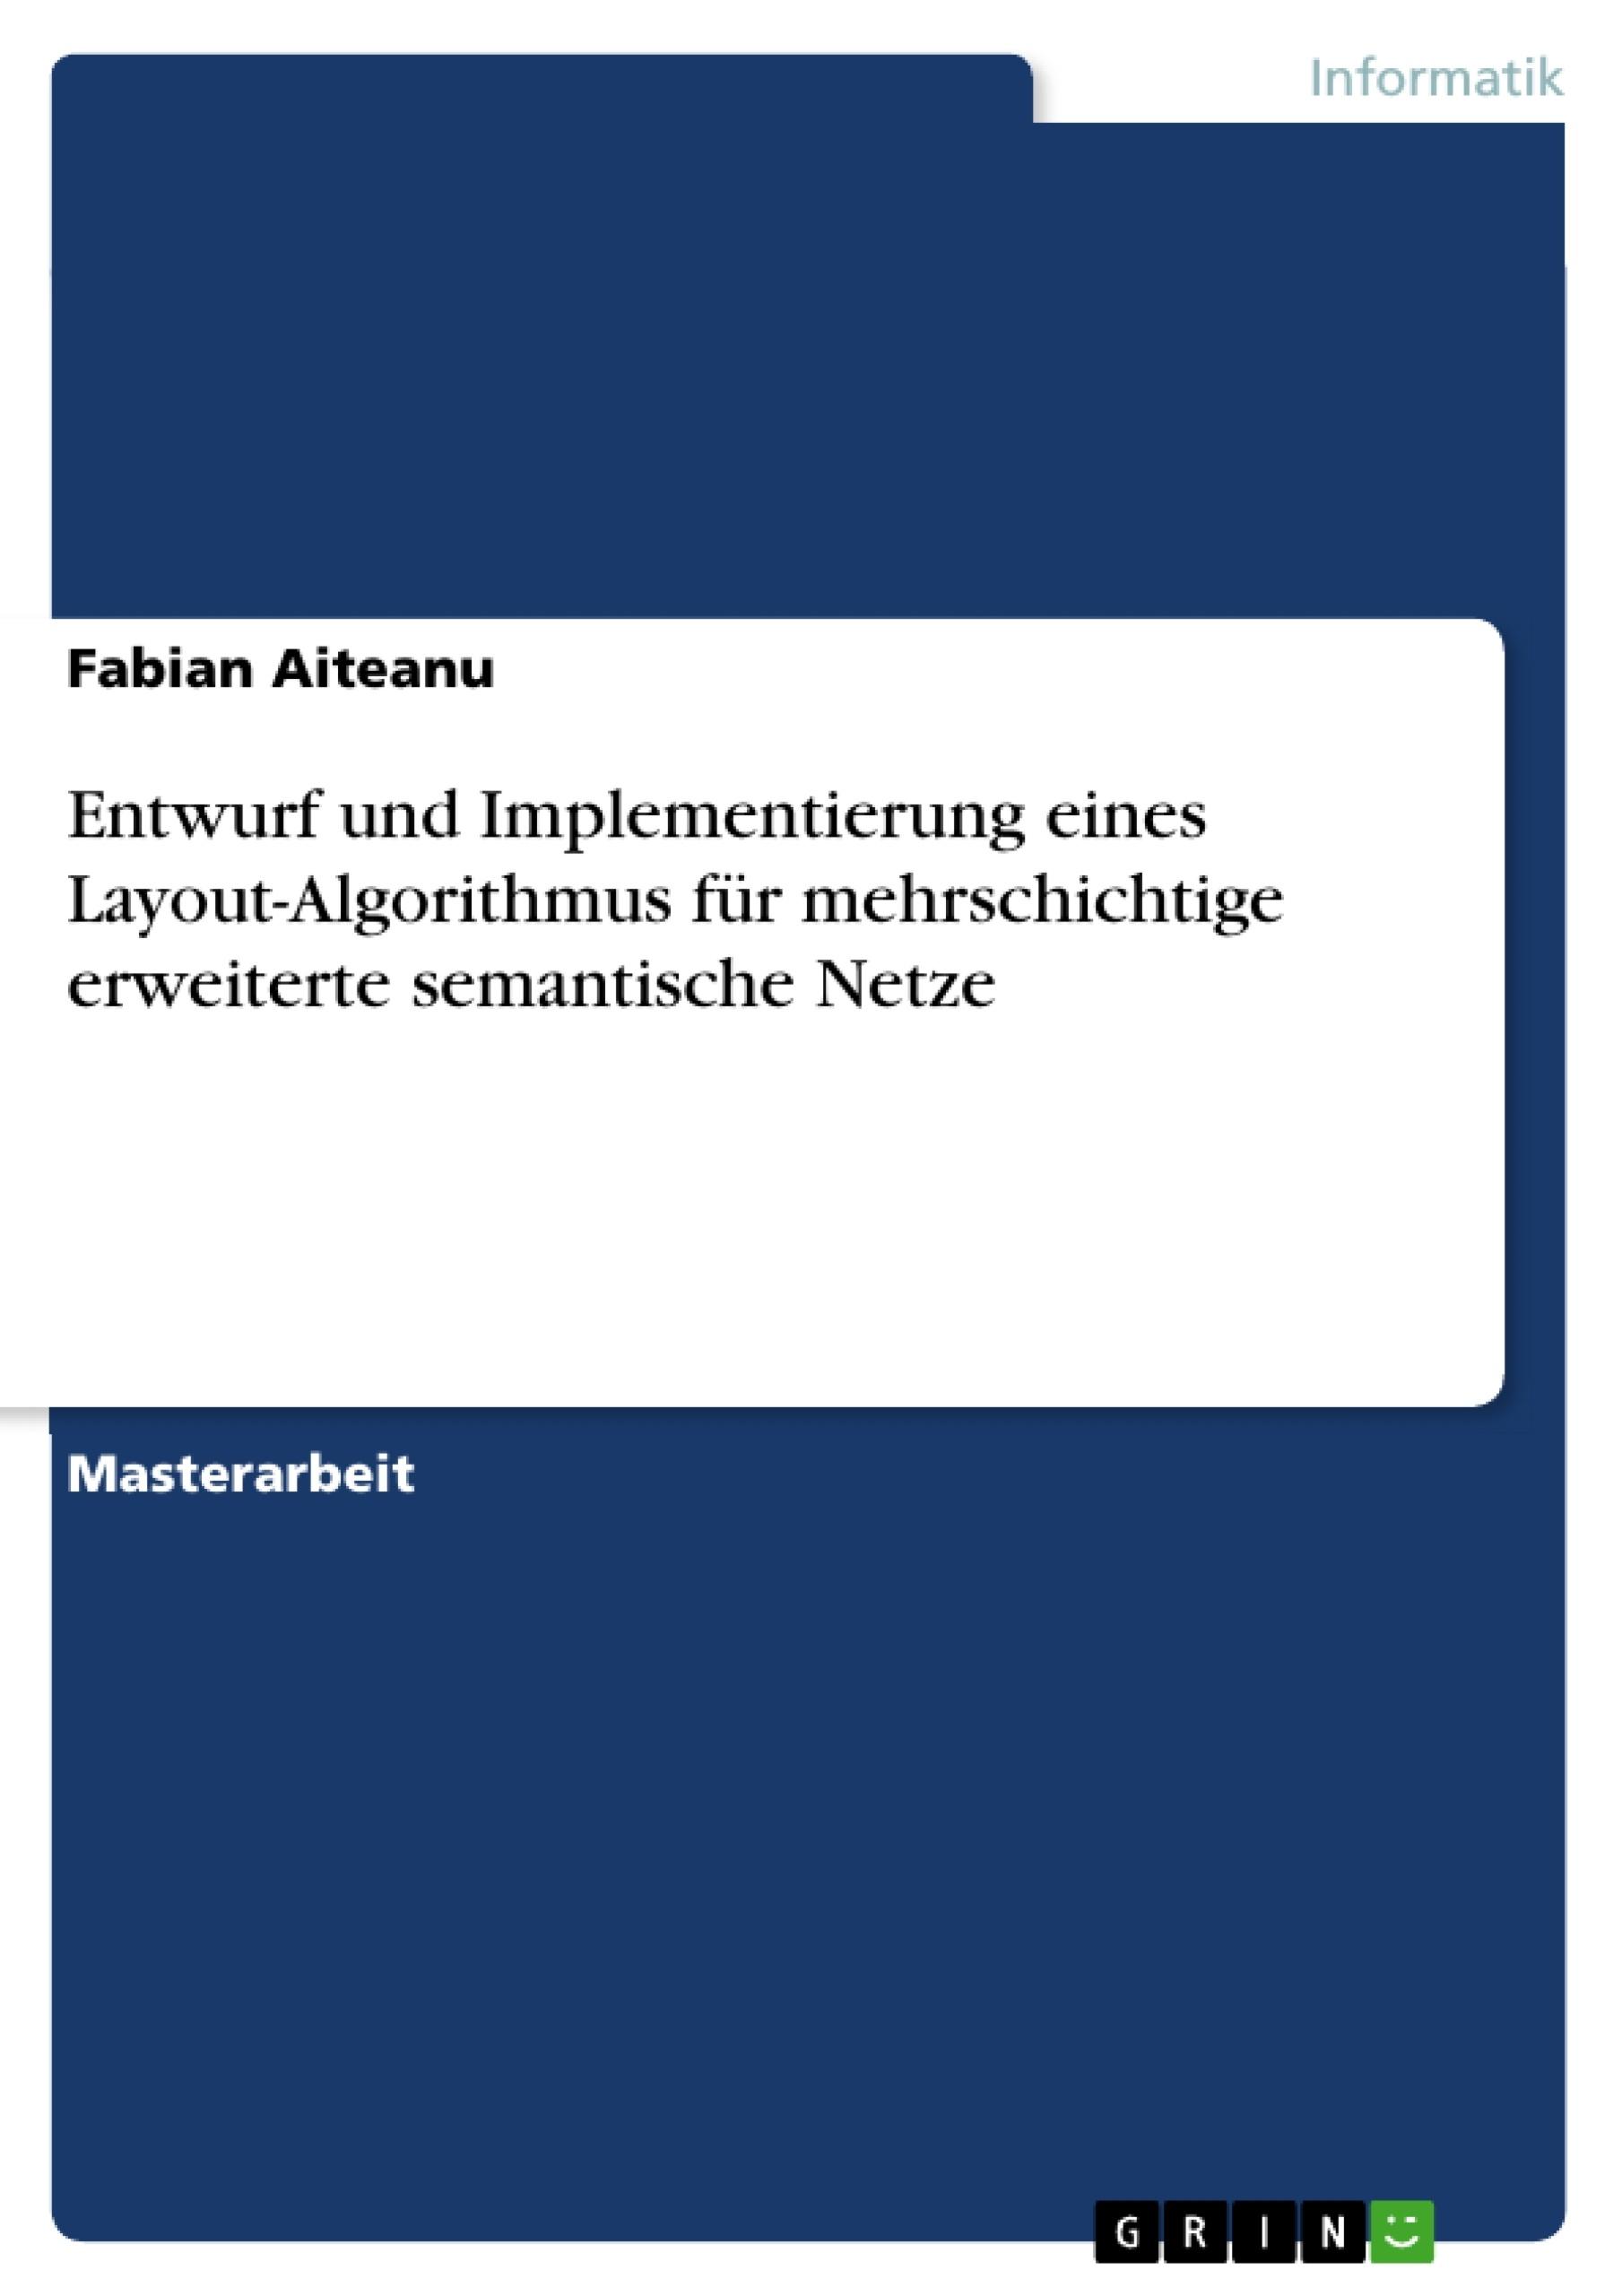 Titel: Entwurf und Implementierung eines Layout-Algorithmus für mehrschichtige erweiterte semantische Netze